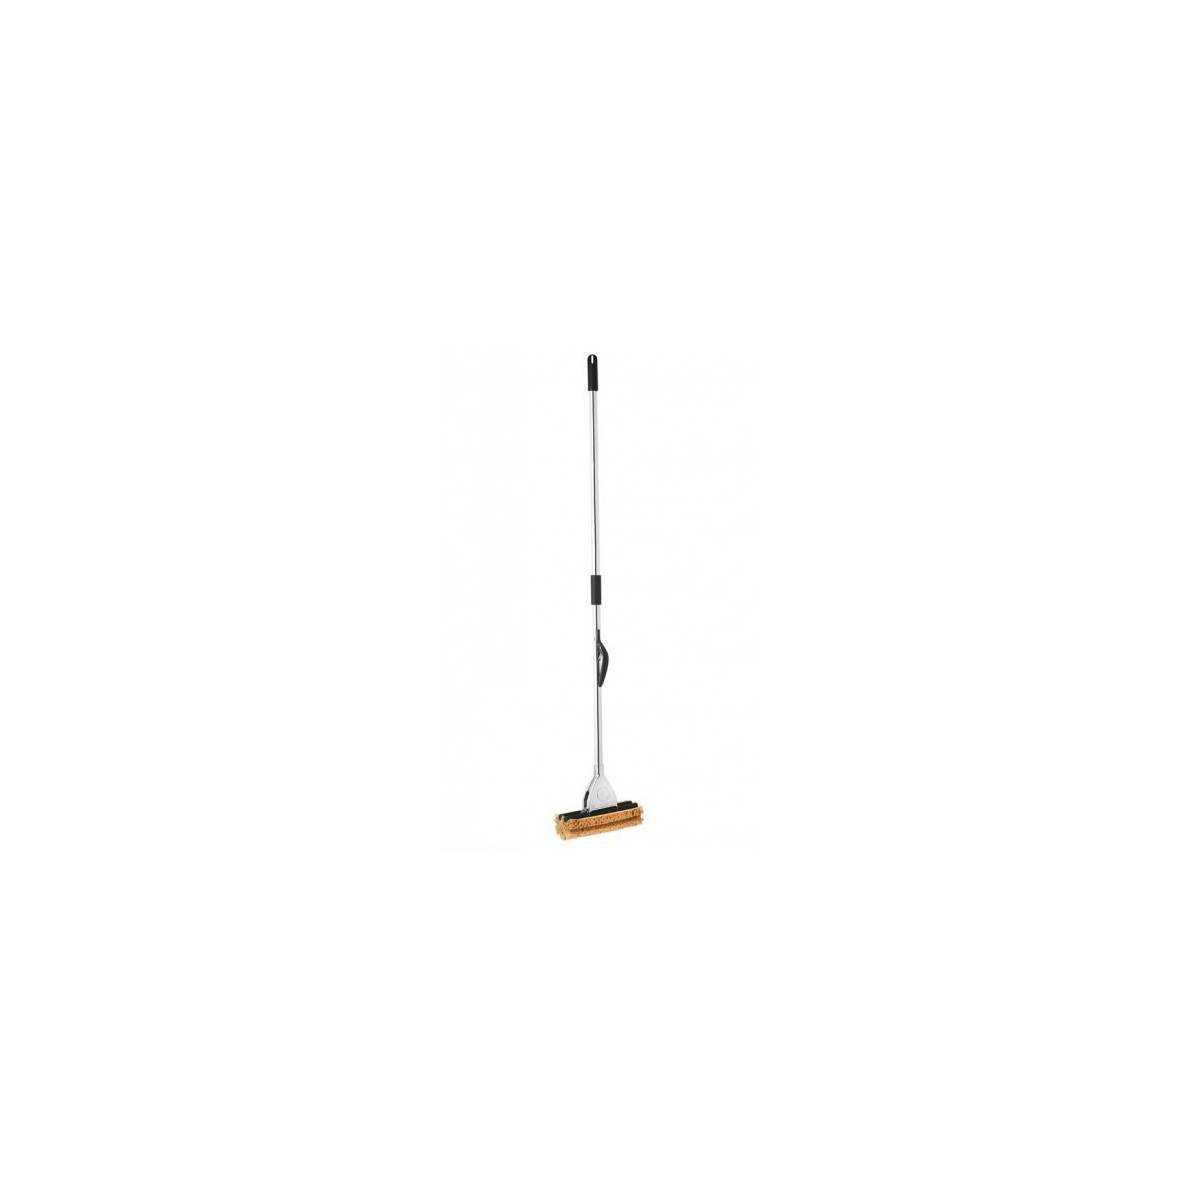 Швабра для влажной уборки с отжимом 25см 10509 APEX - Fratelli Re SpA